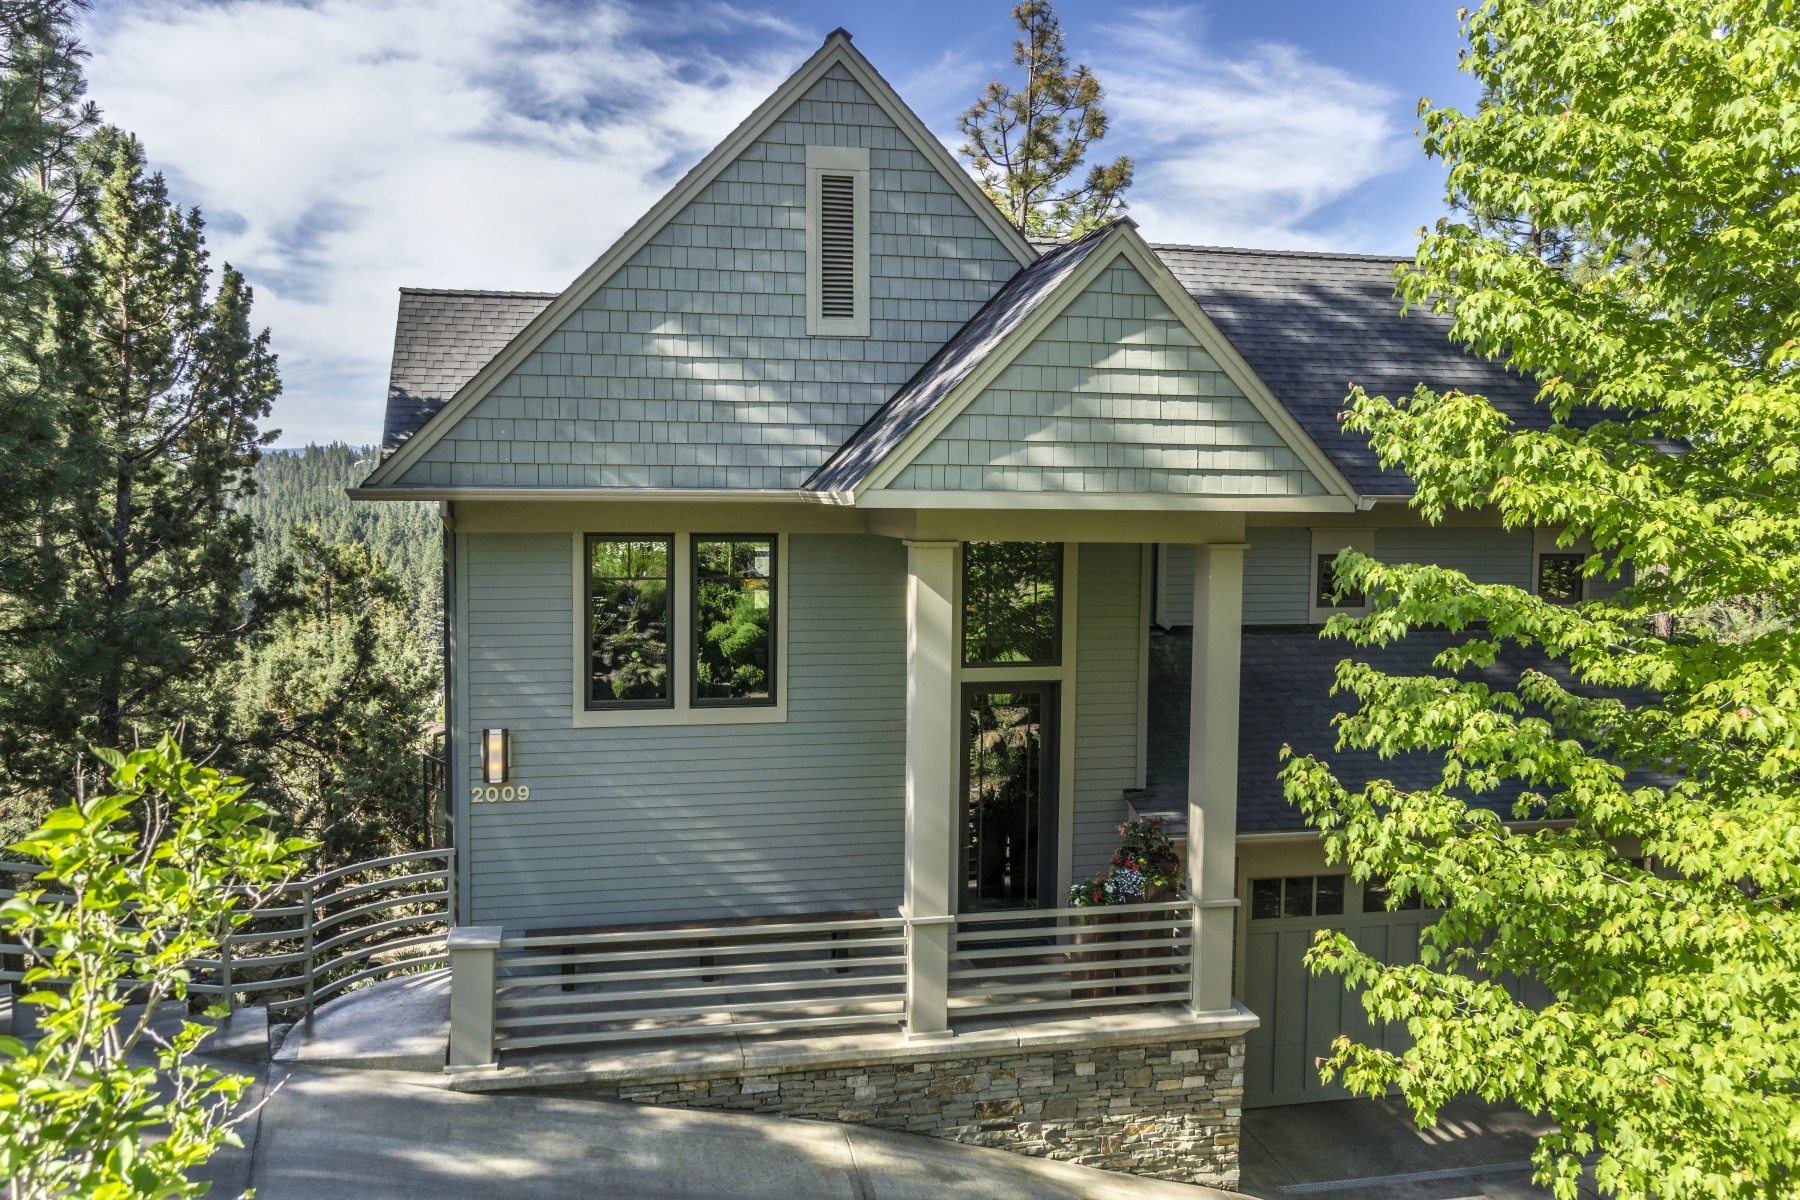 Casa para uma família para Venda às West Hills 2009 NW Trenton Ave Bend, Oregon 97701 Estados Unidos